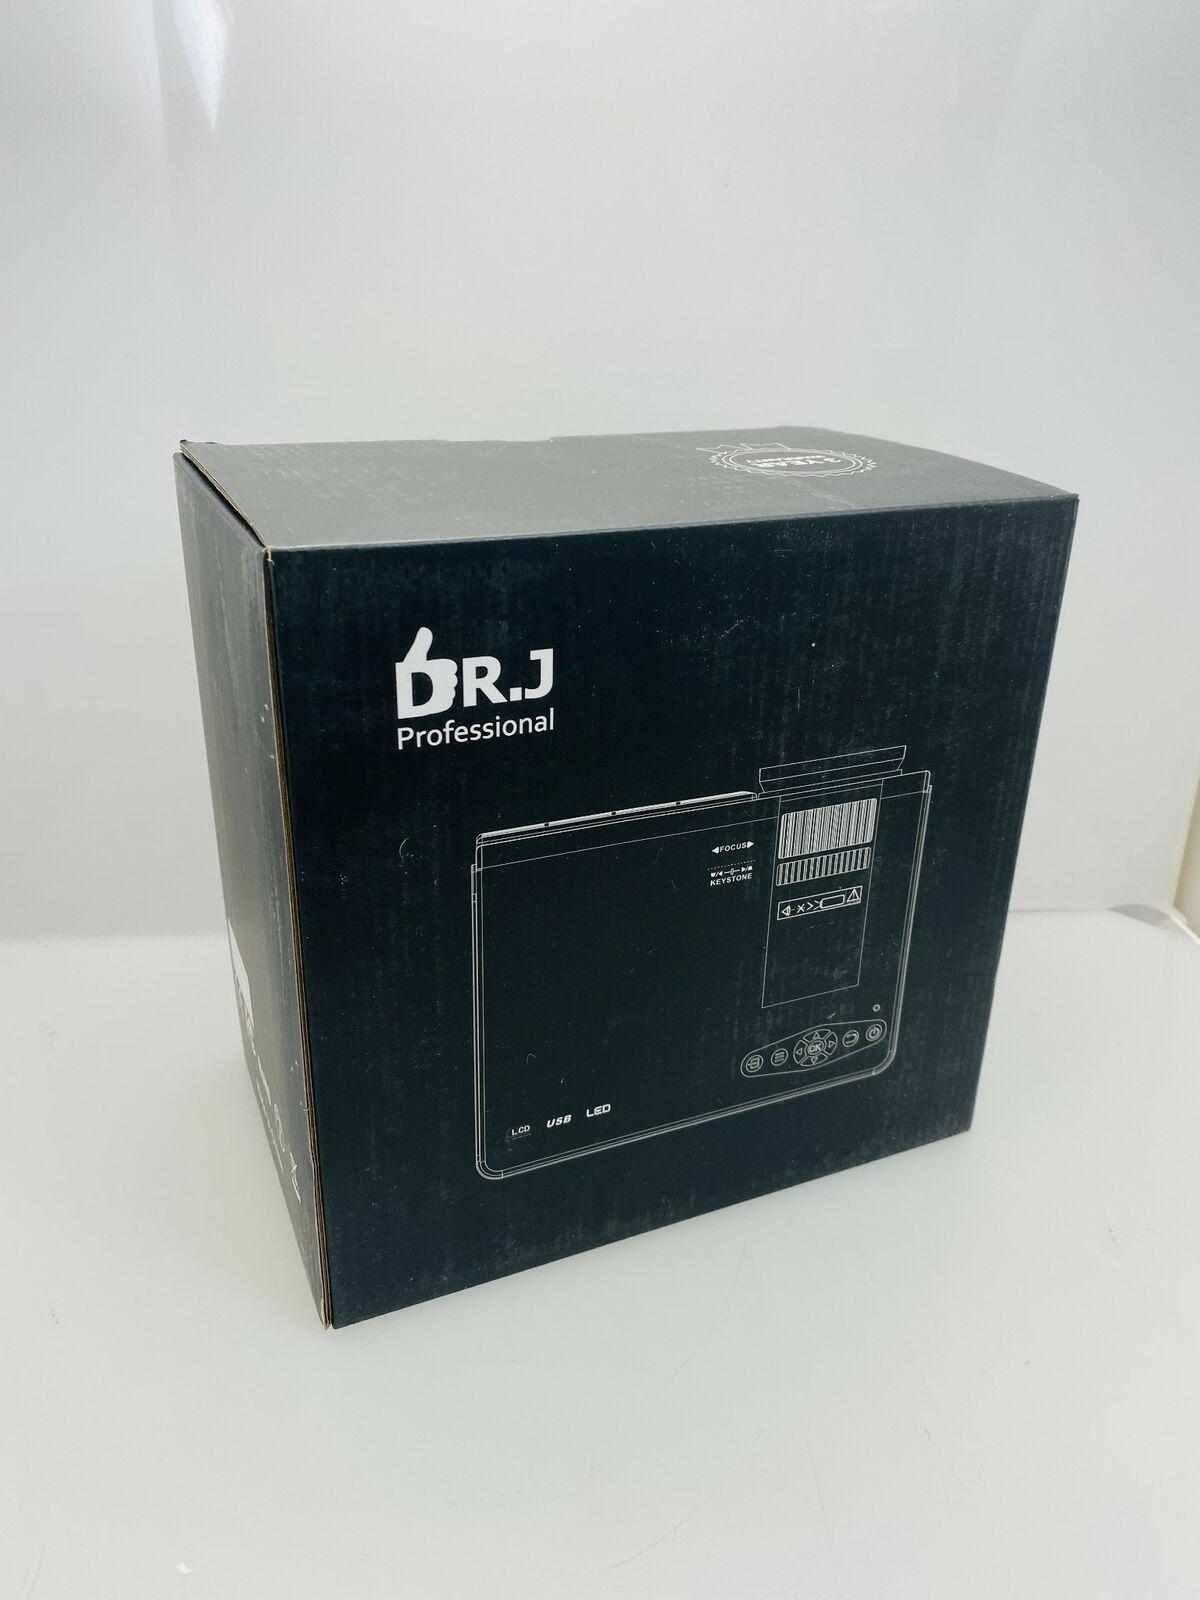 Hi-04 shopbobsonline1 DR. J Professional HI-04 Mini Projector